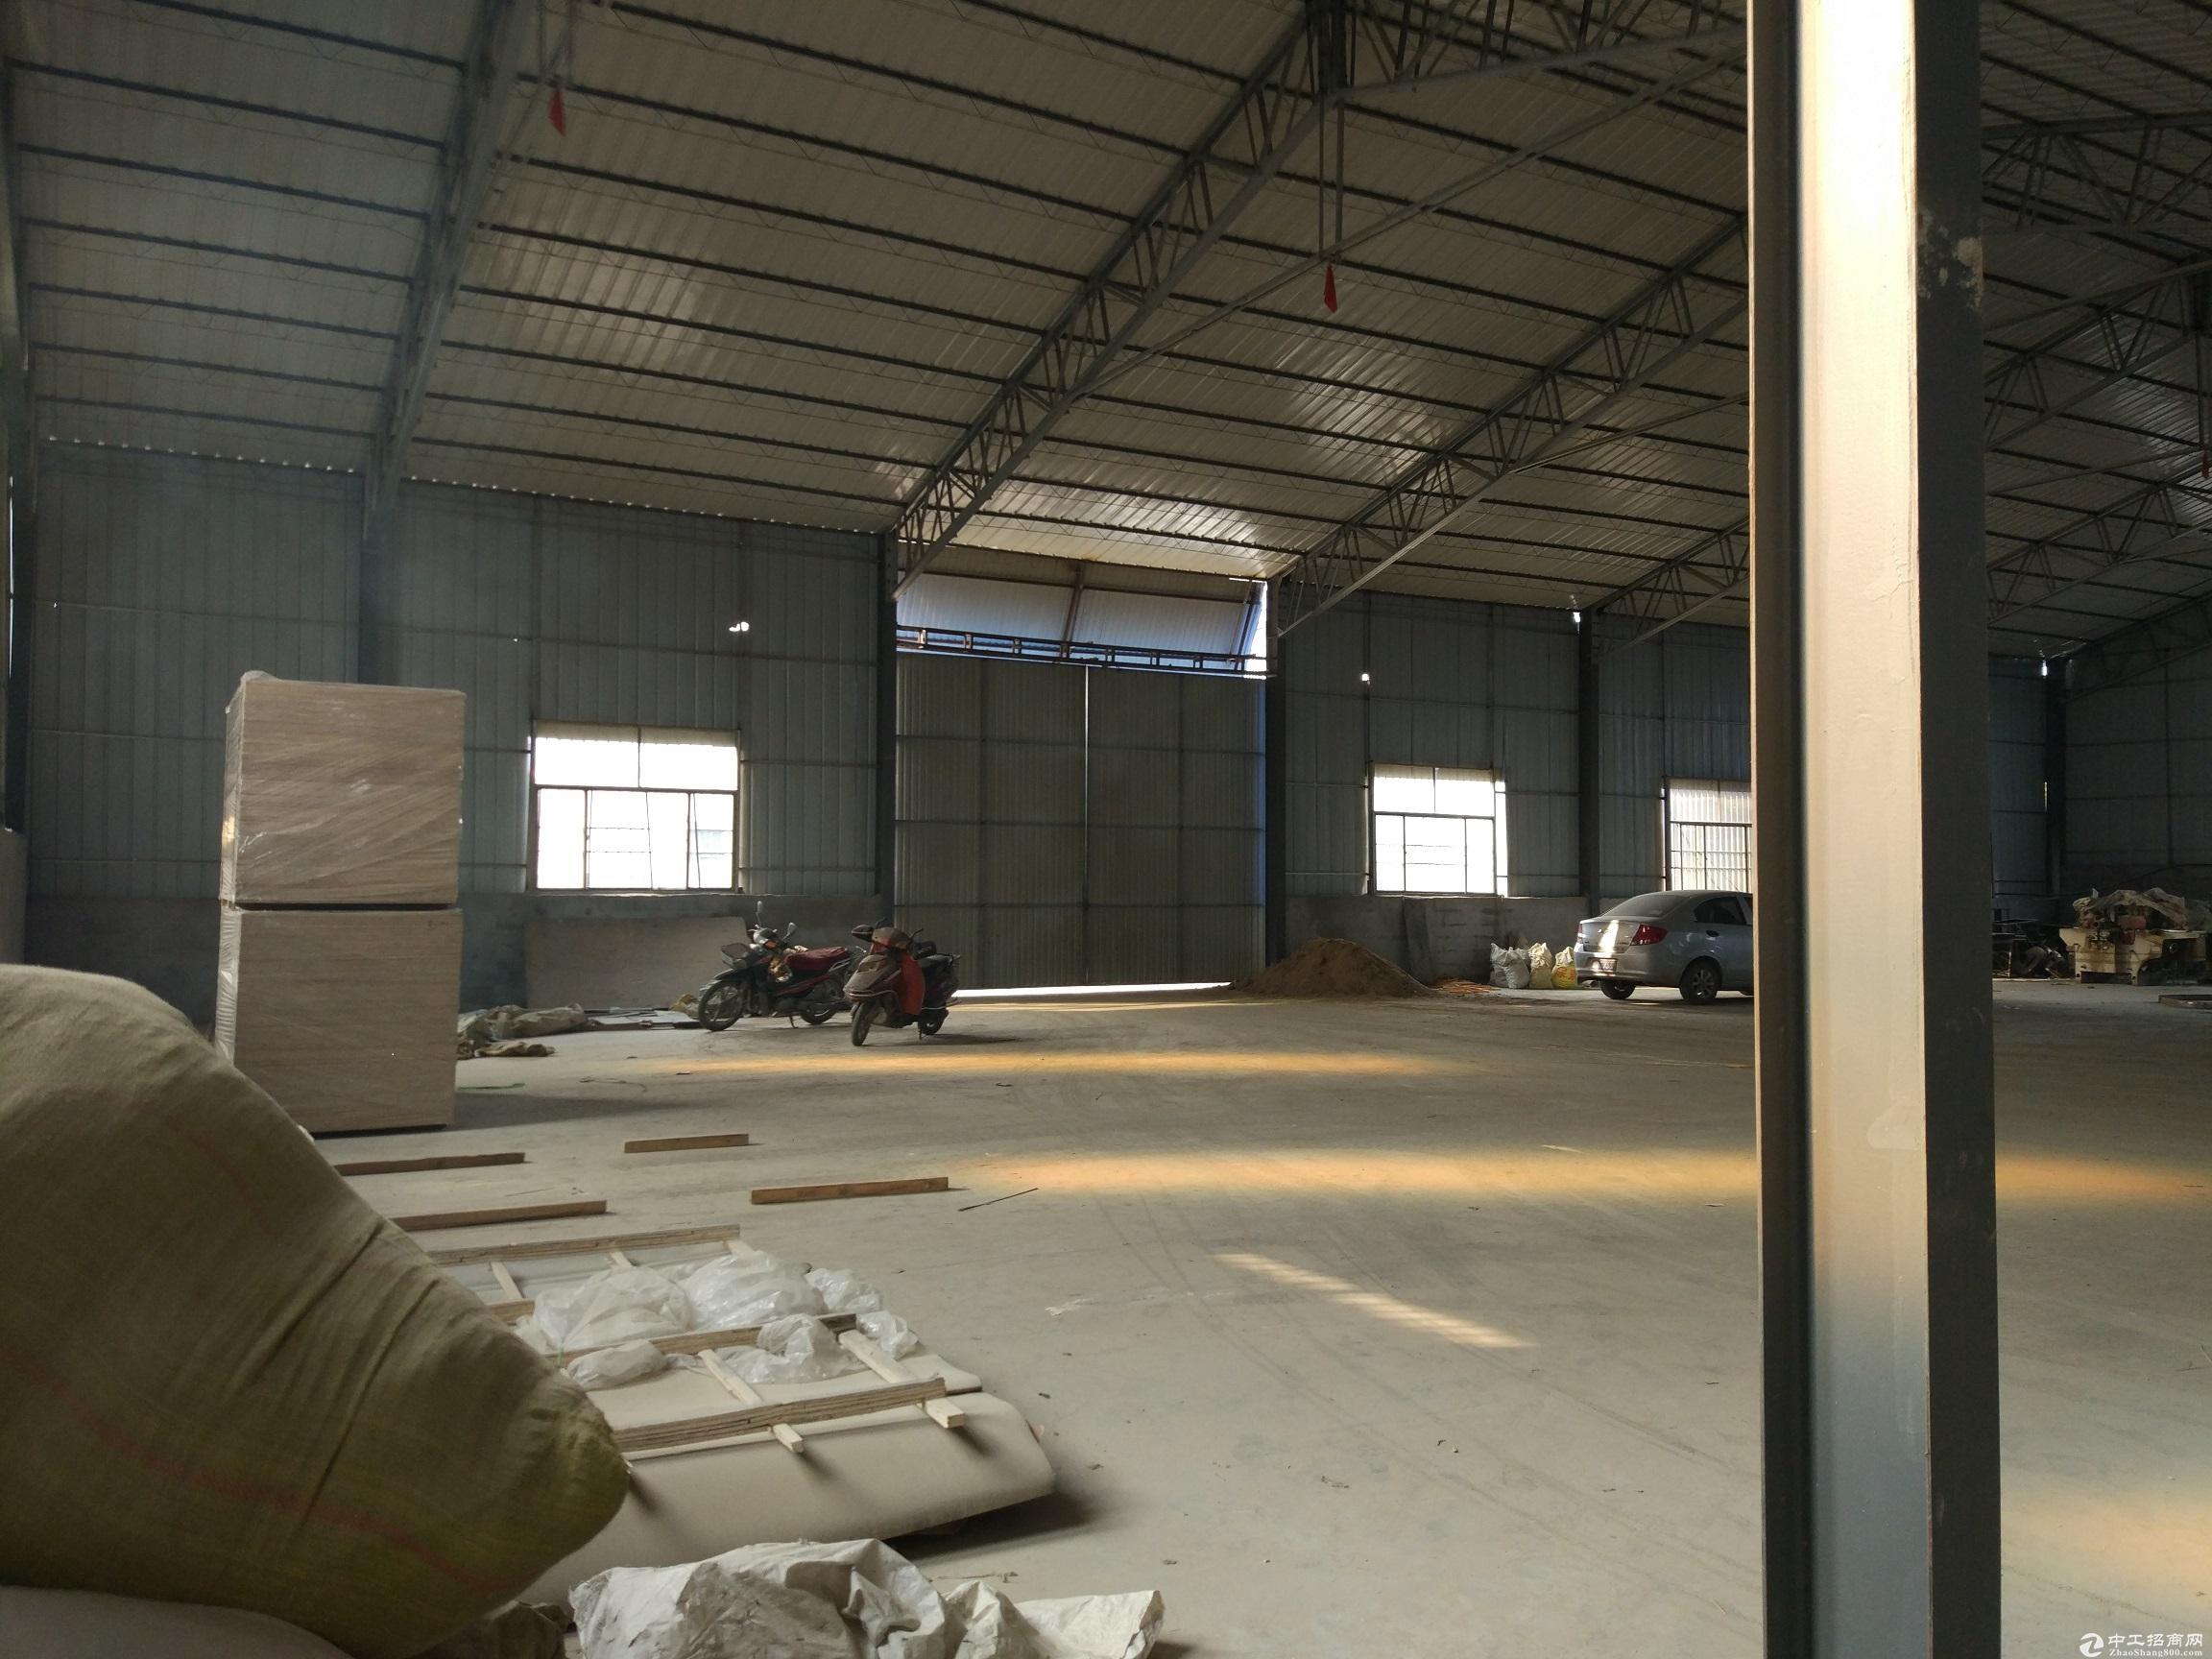 兰山区义堂镇2000-3000平米标准钢结构厂房出租2018-图2